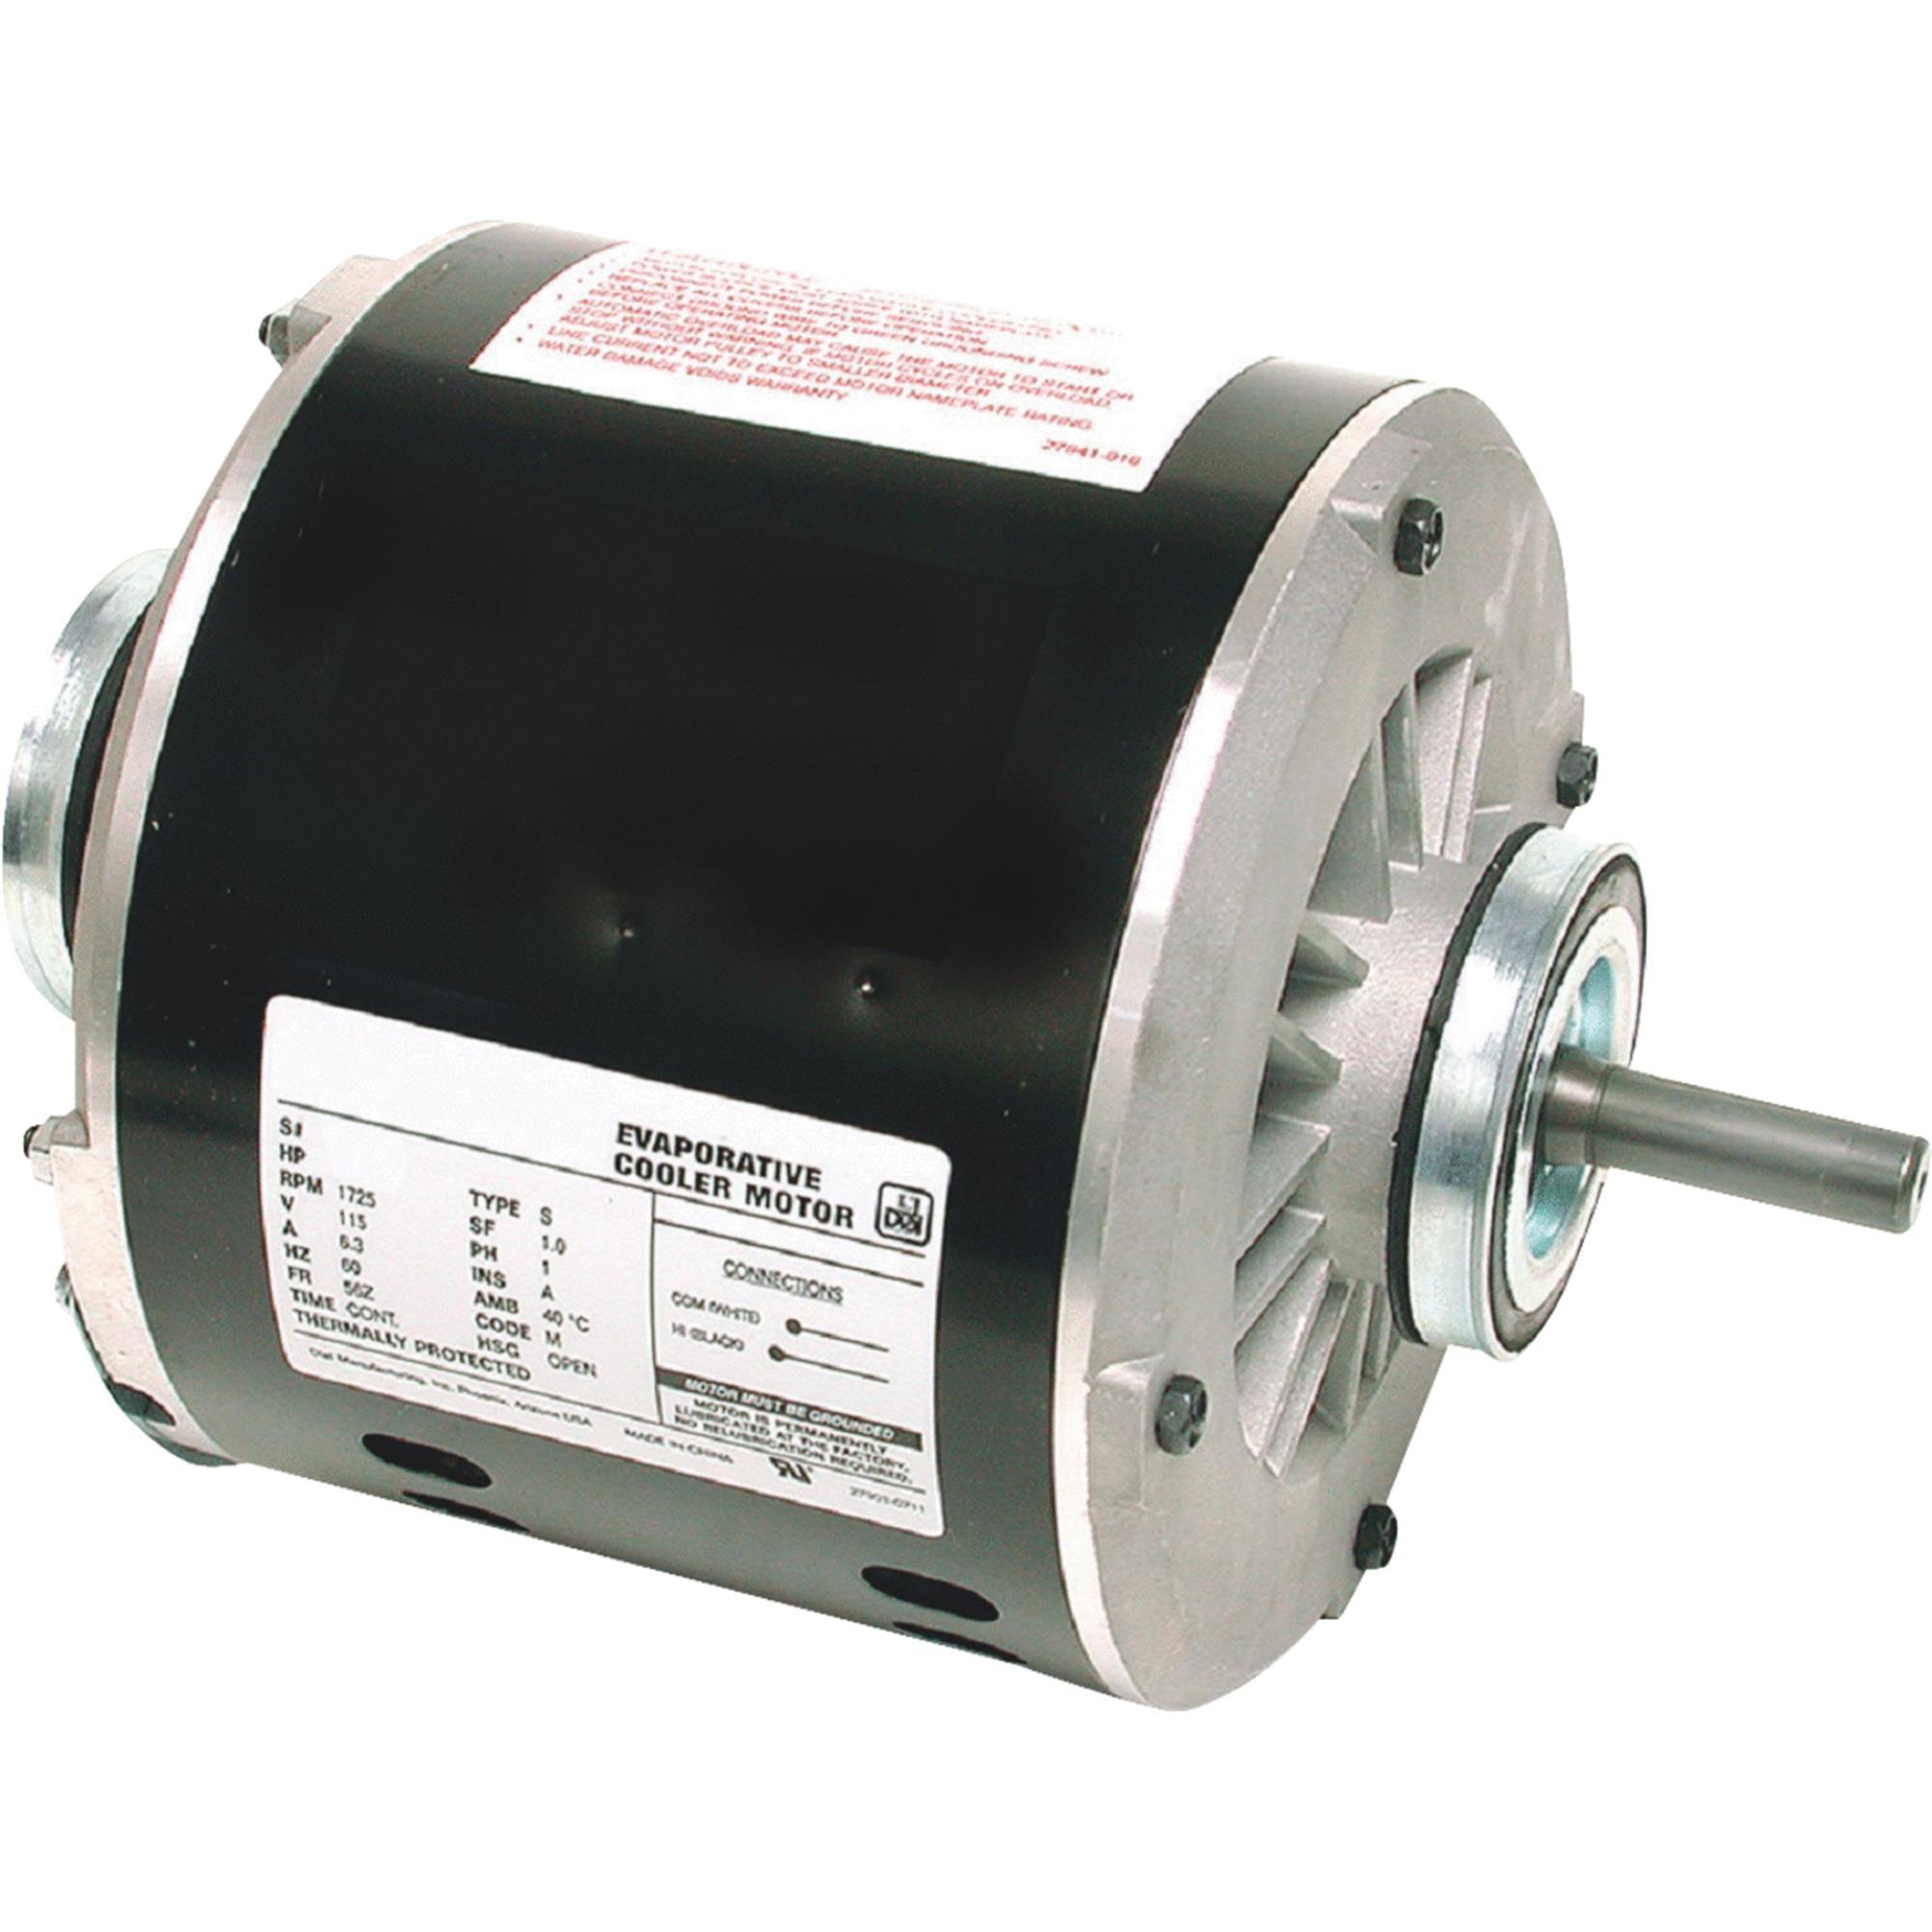 DIAL MFG INC 2201 1/3HP 115V 1SPD Motor